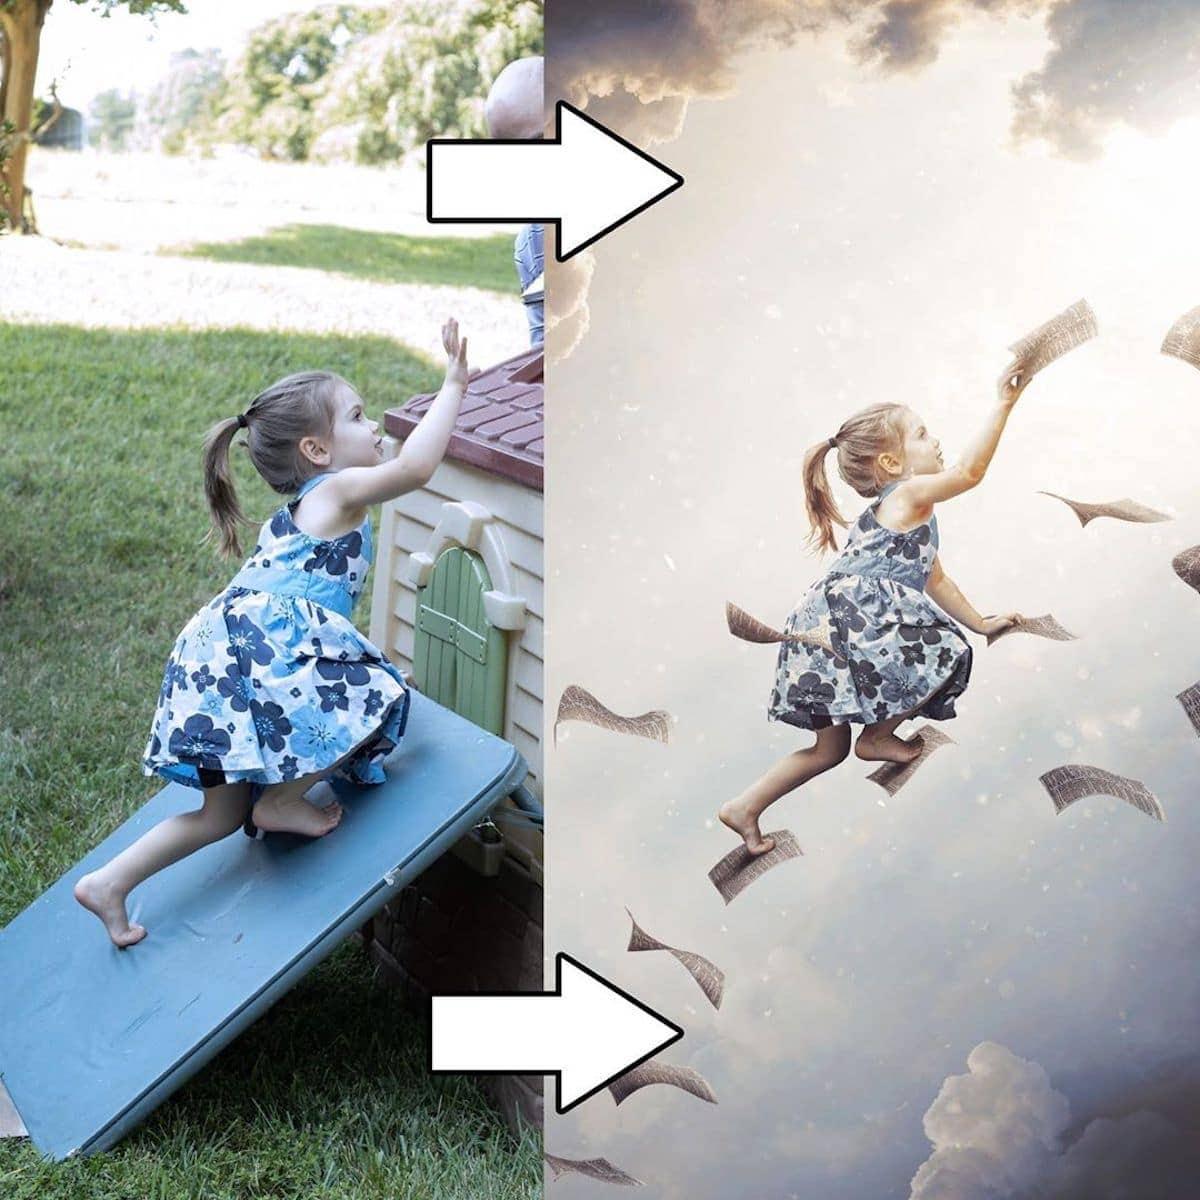 christian photoshops photo manipulation 2